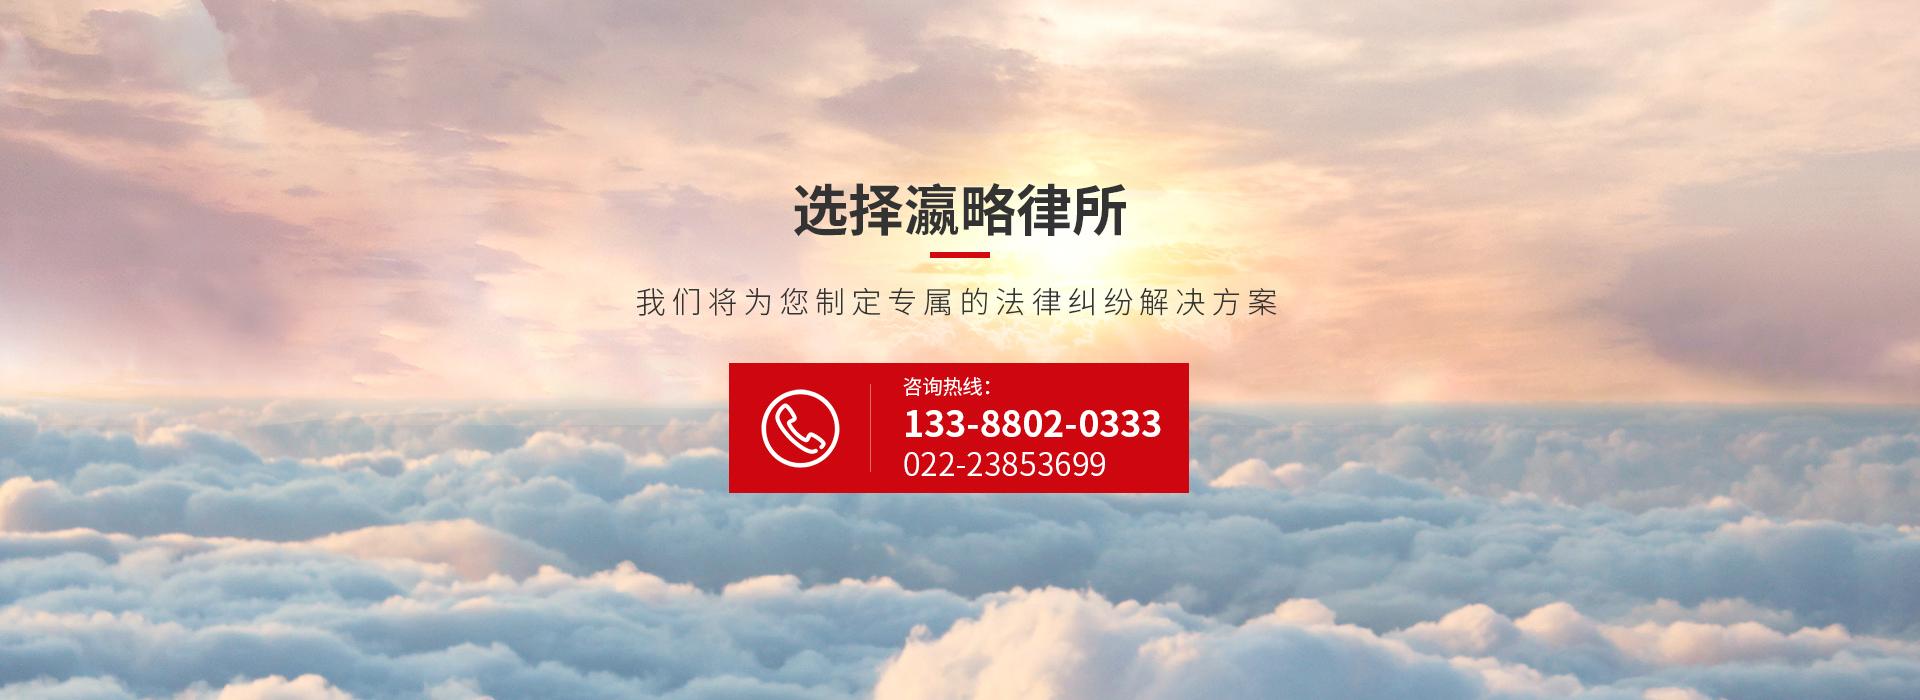 天津瀛略律师事务所-天津专业律师团队